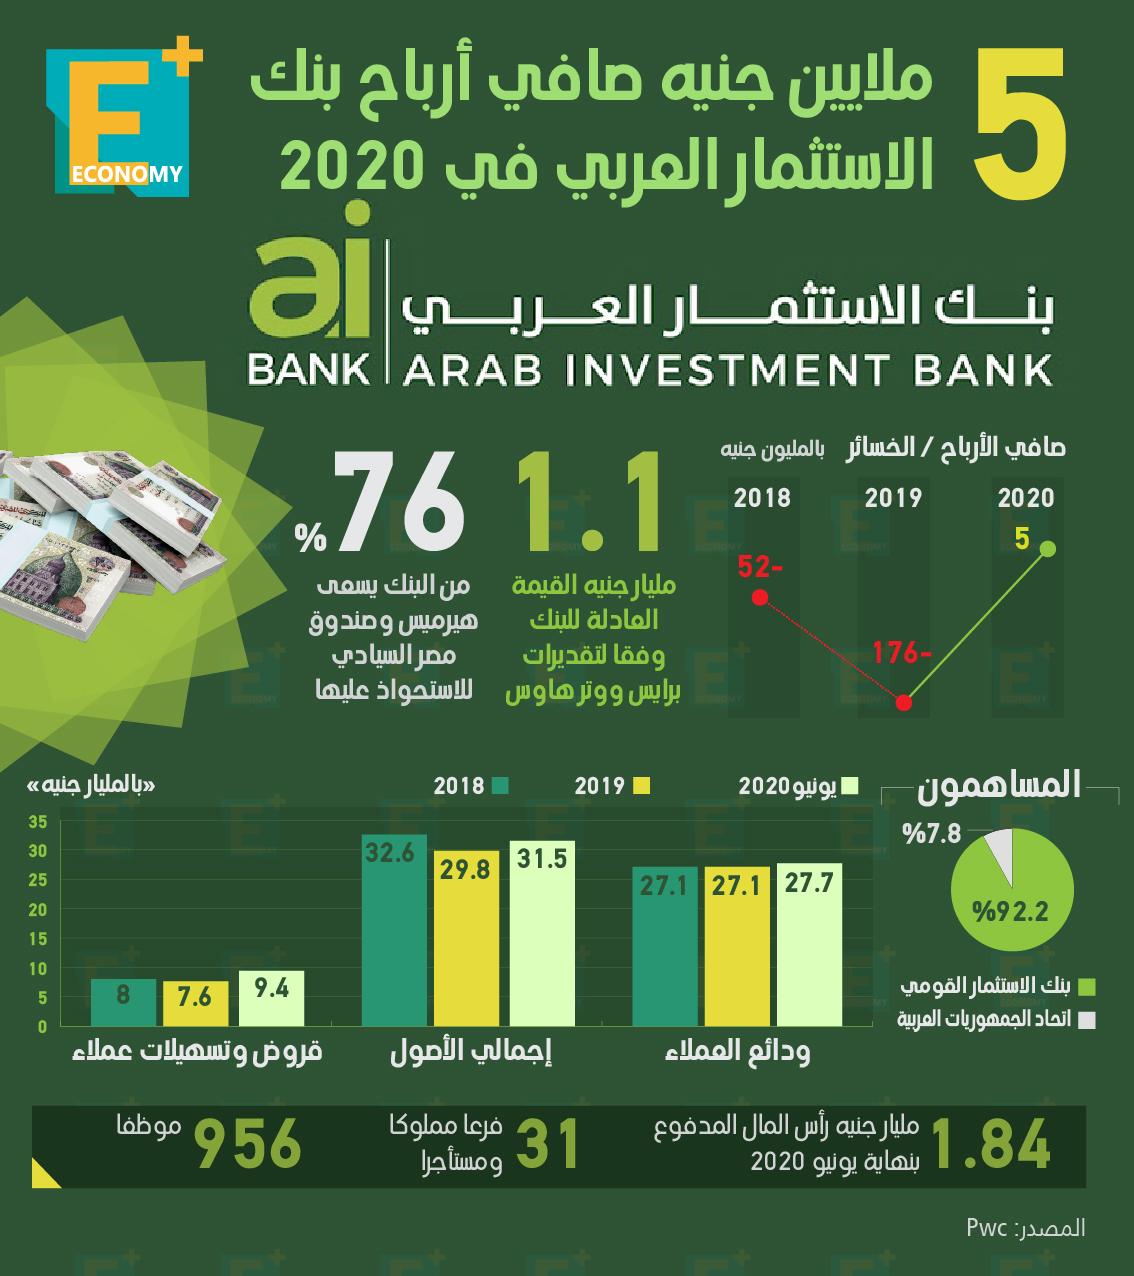 5 ملايين جنيه صافي أرباح بنك الاستثمار العربي في 2020